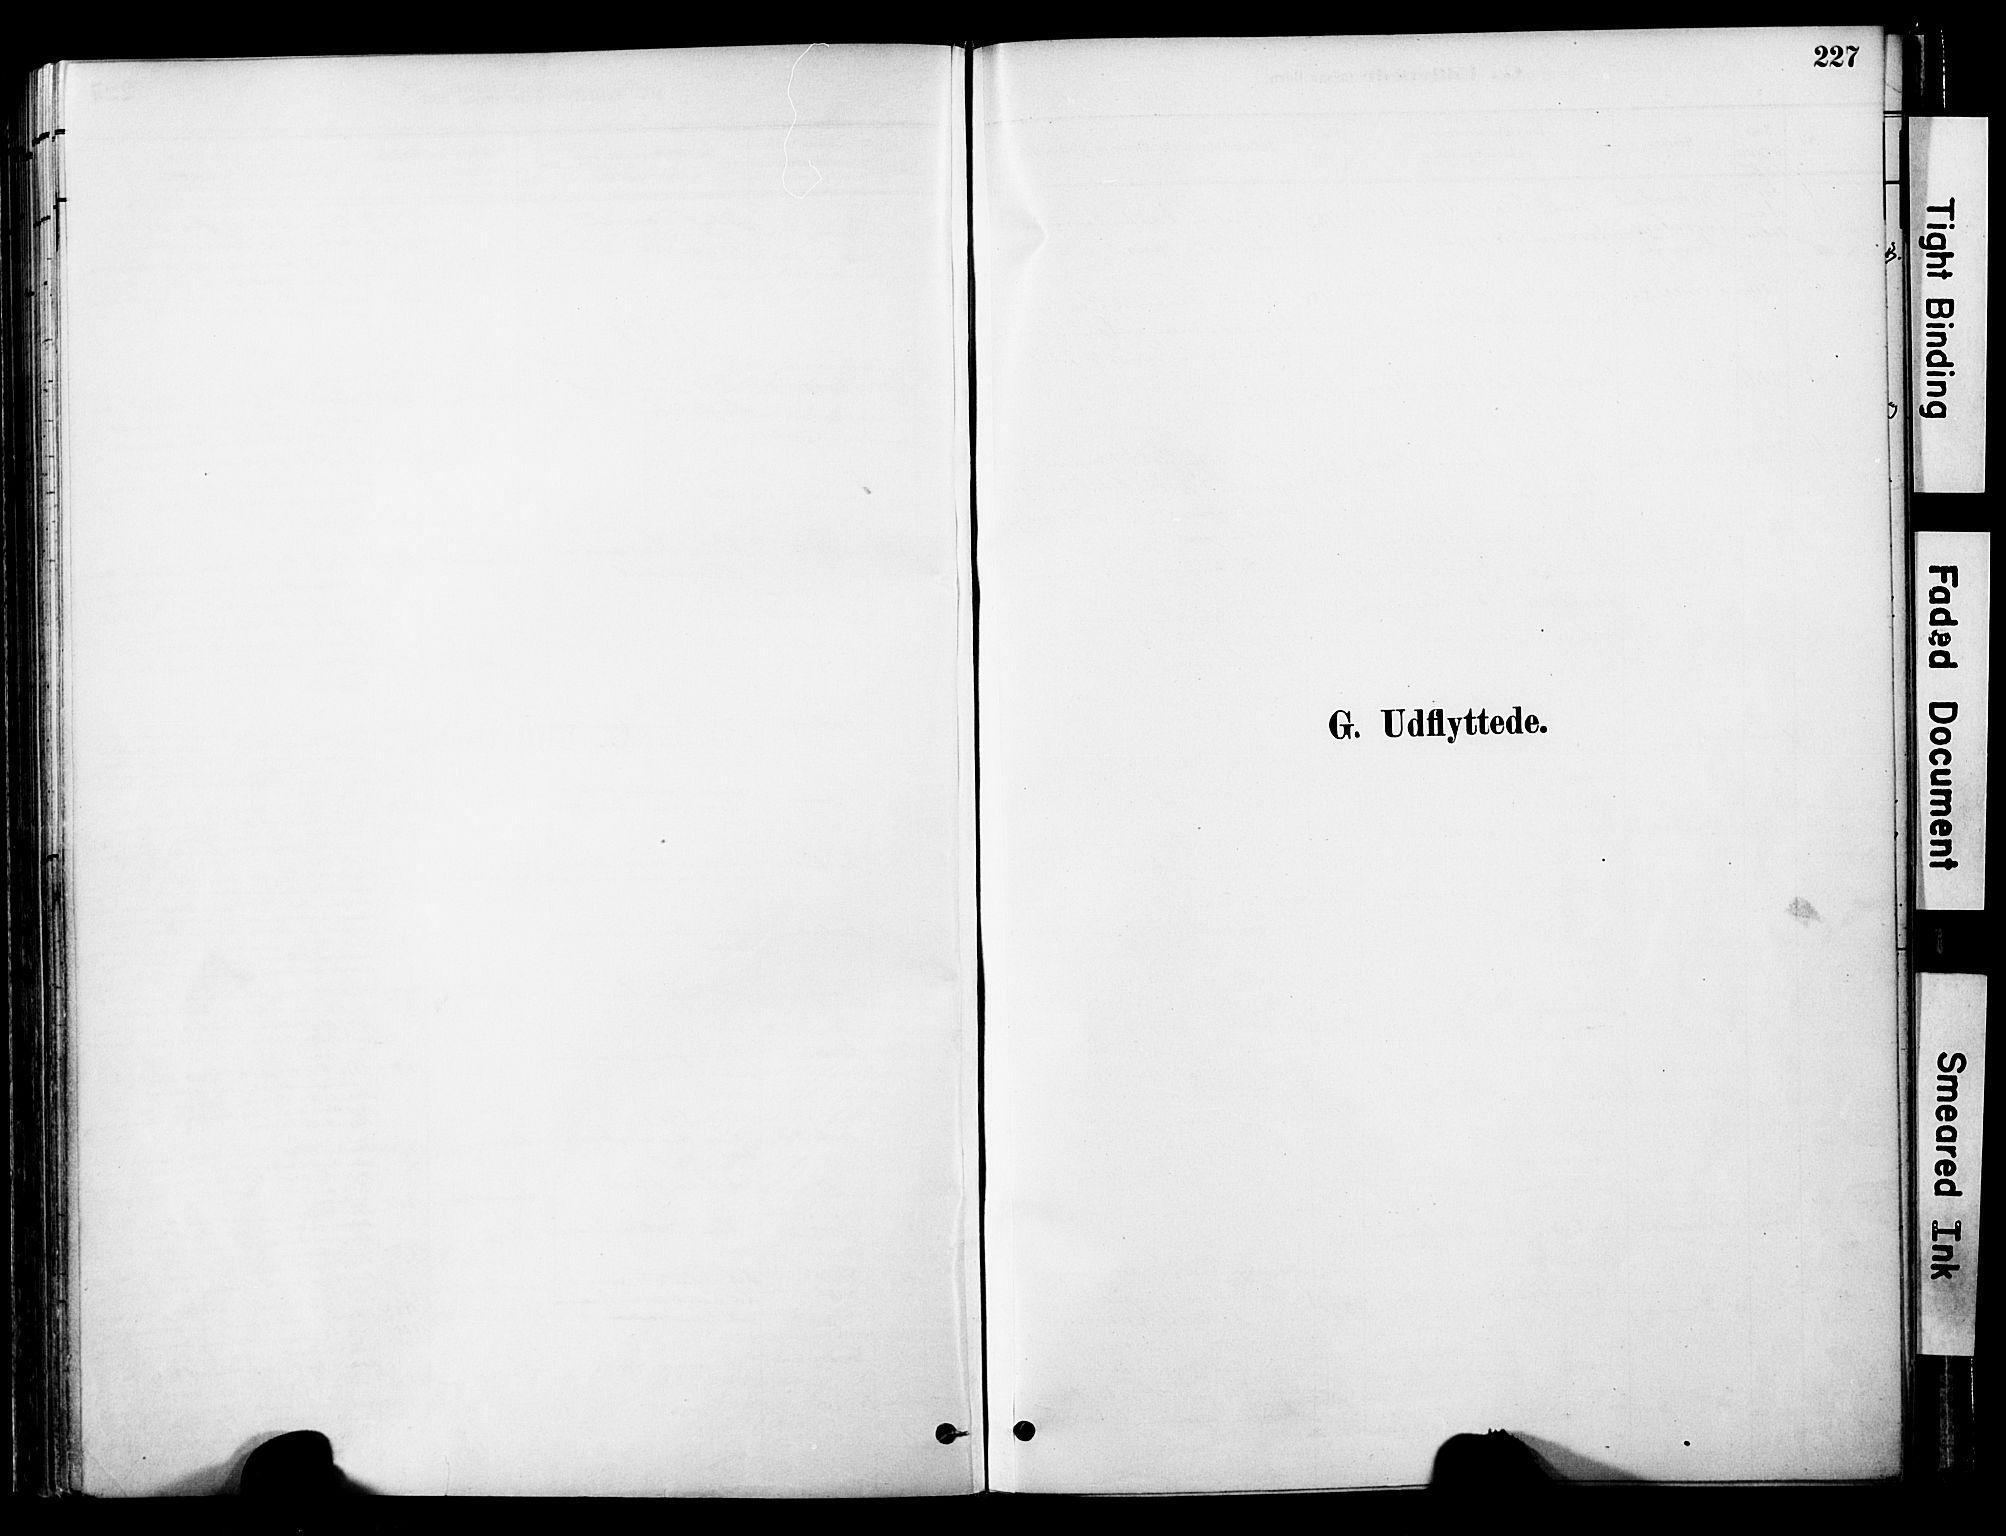 SAT, Ministerialprotokoller, klokkerbøker og fødselsregistre - Nord-Trøndelag, 755/L0494: Ministerialbok nr. 755A03, 1882-1902, s. 227